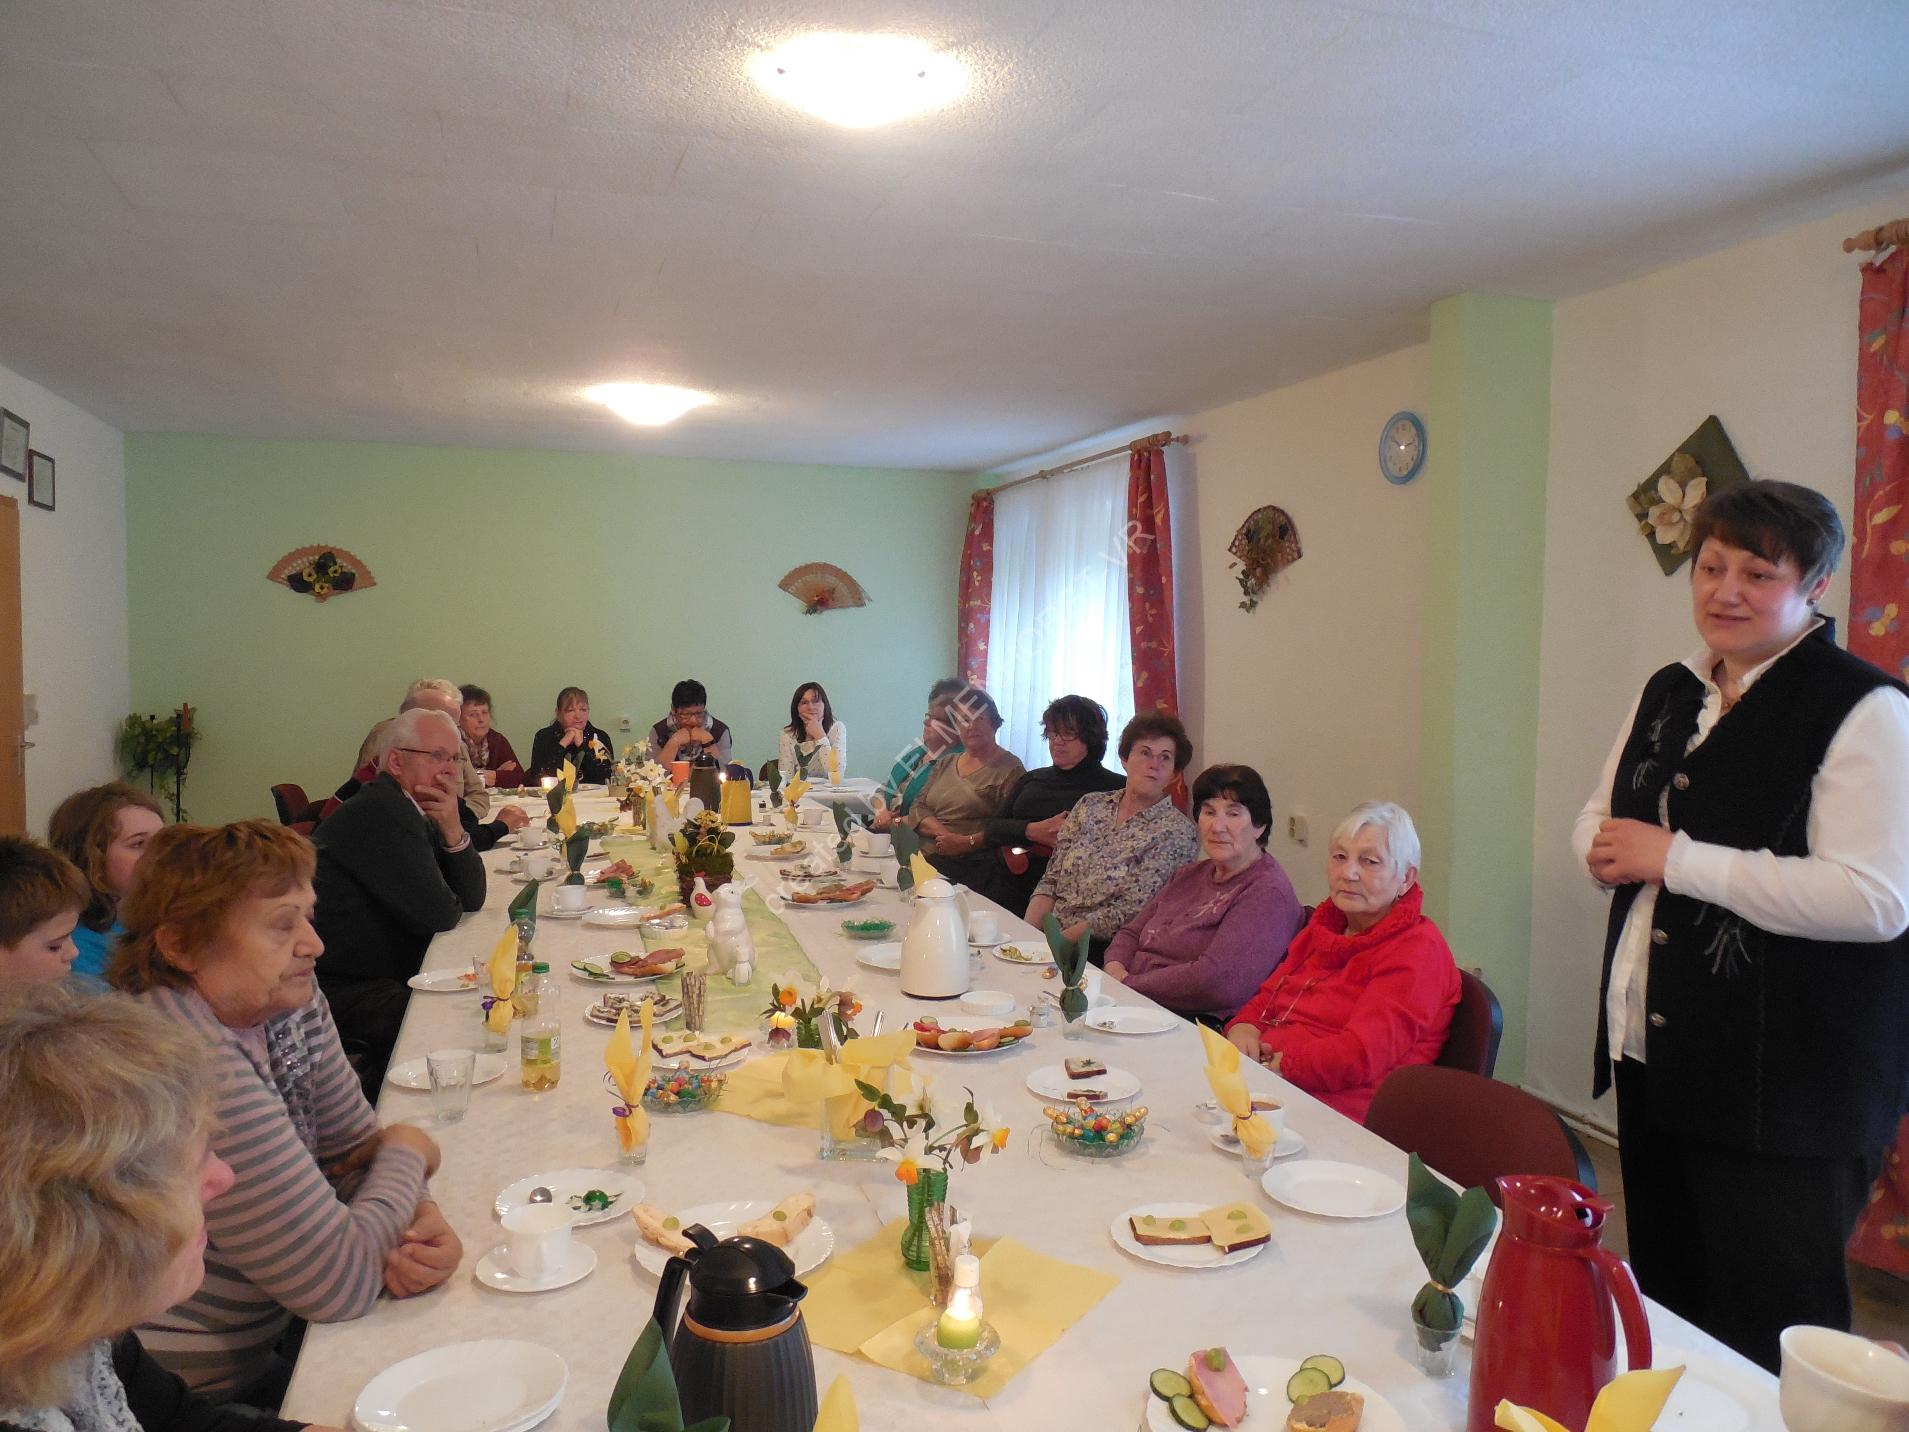 NEWS - 2017_04 Osterfrühstück - diesmal mit interessanten Geschichten zur Osterzeit 2